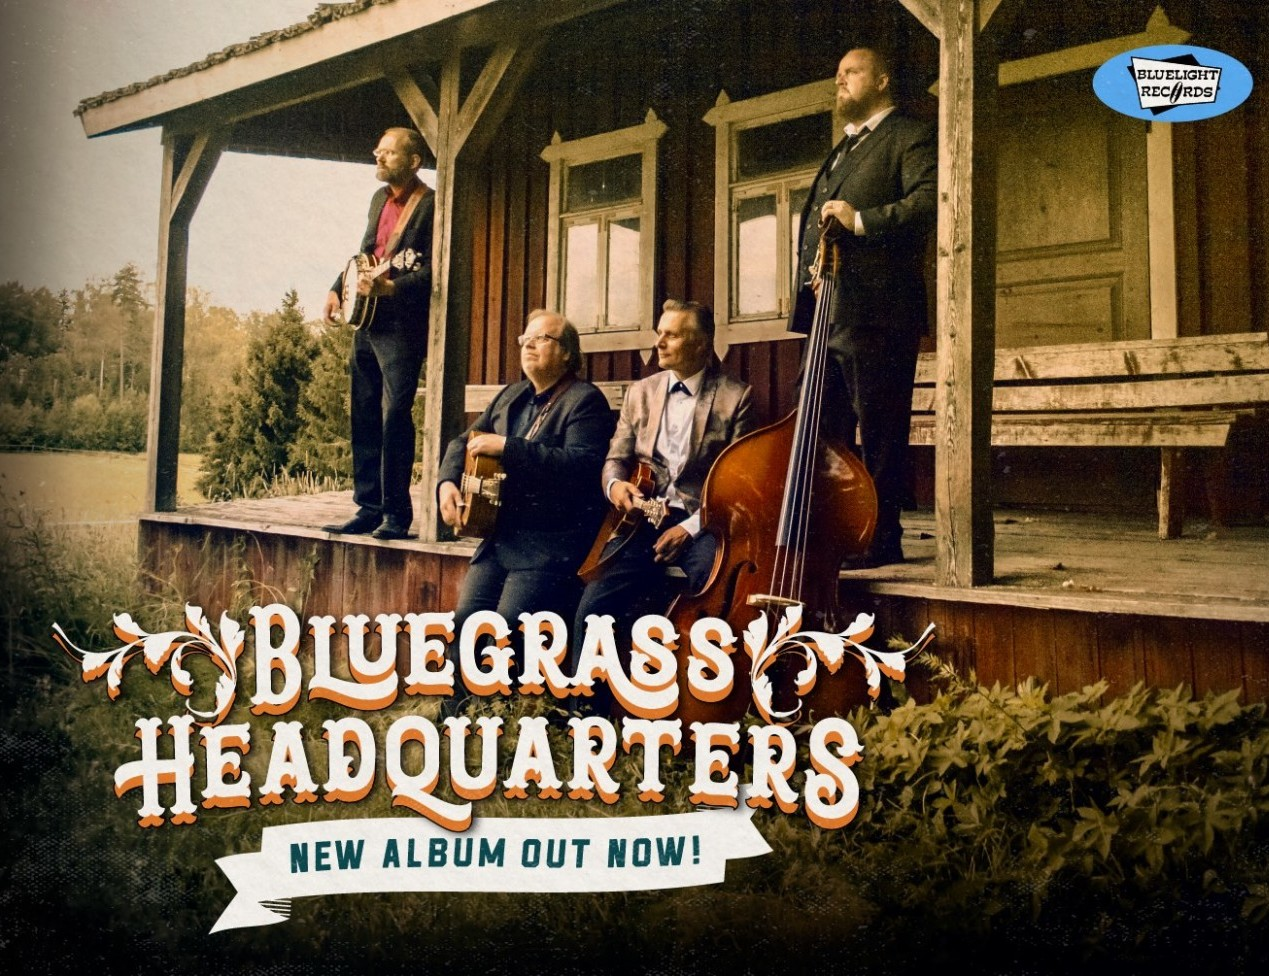 bluegrass scaled aspect ratio 13x10 - RockBar & Grill 82: Bluegrass